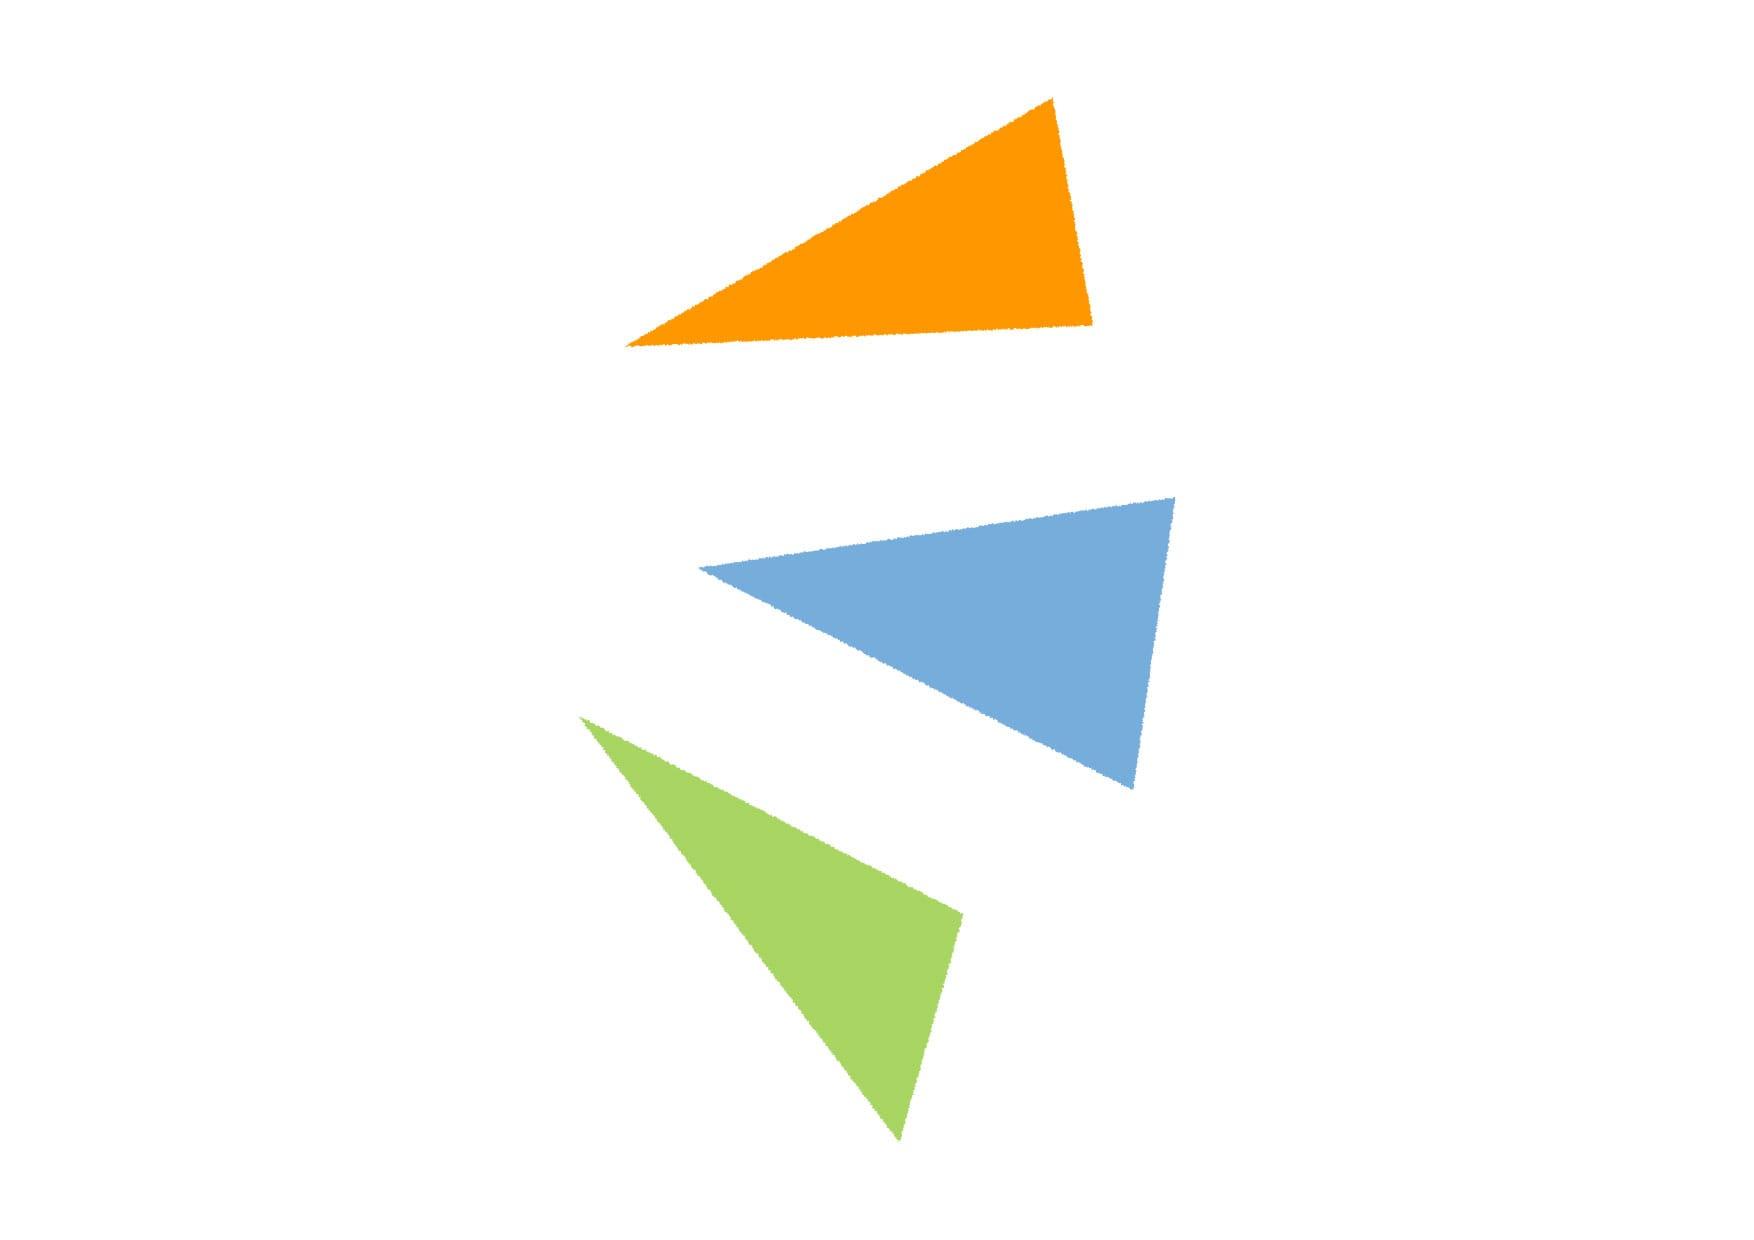 可愛いイラスト無料|気づき アイコン 右 カラフル − free illustration Triangle icon right colorful